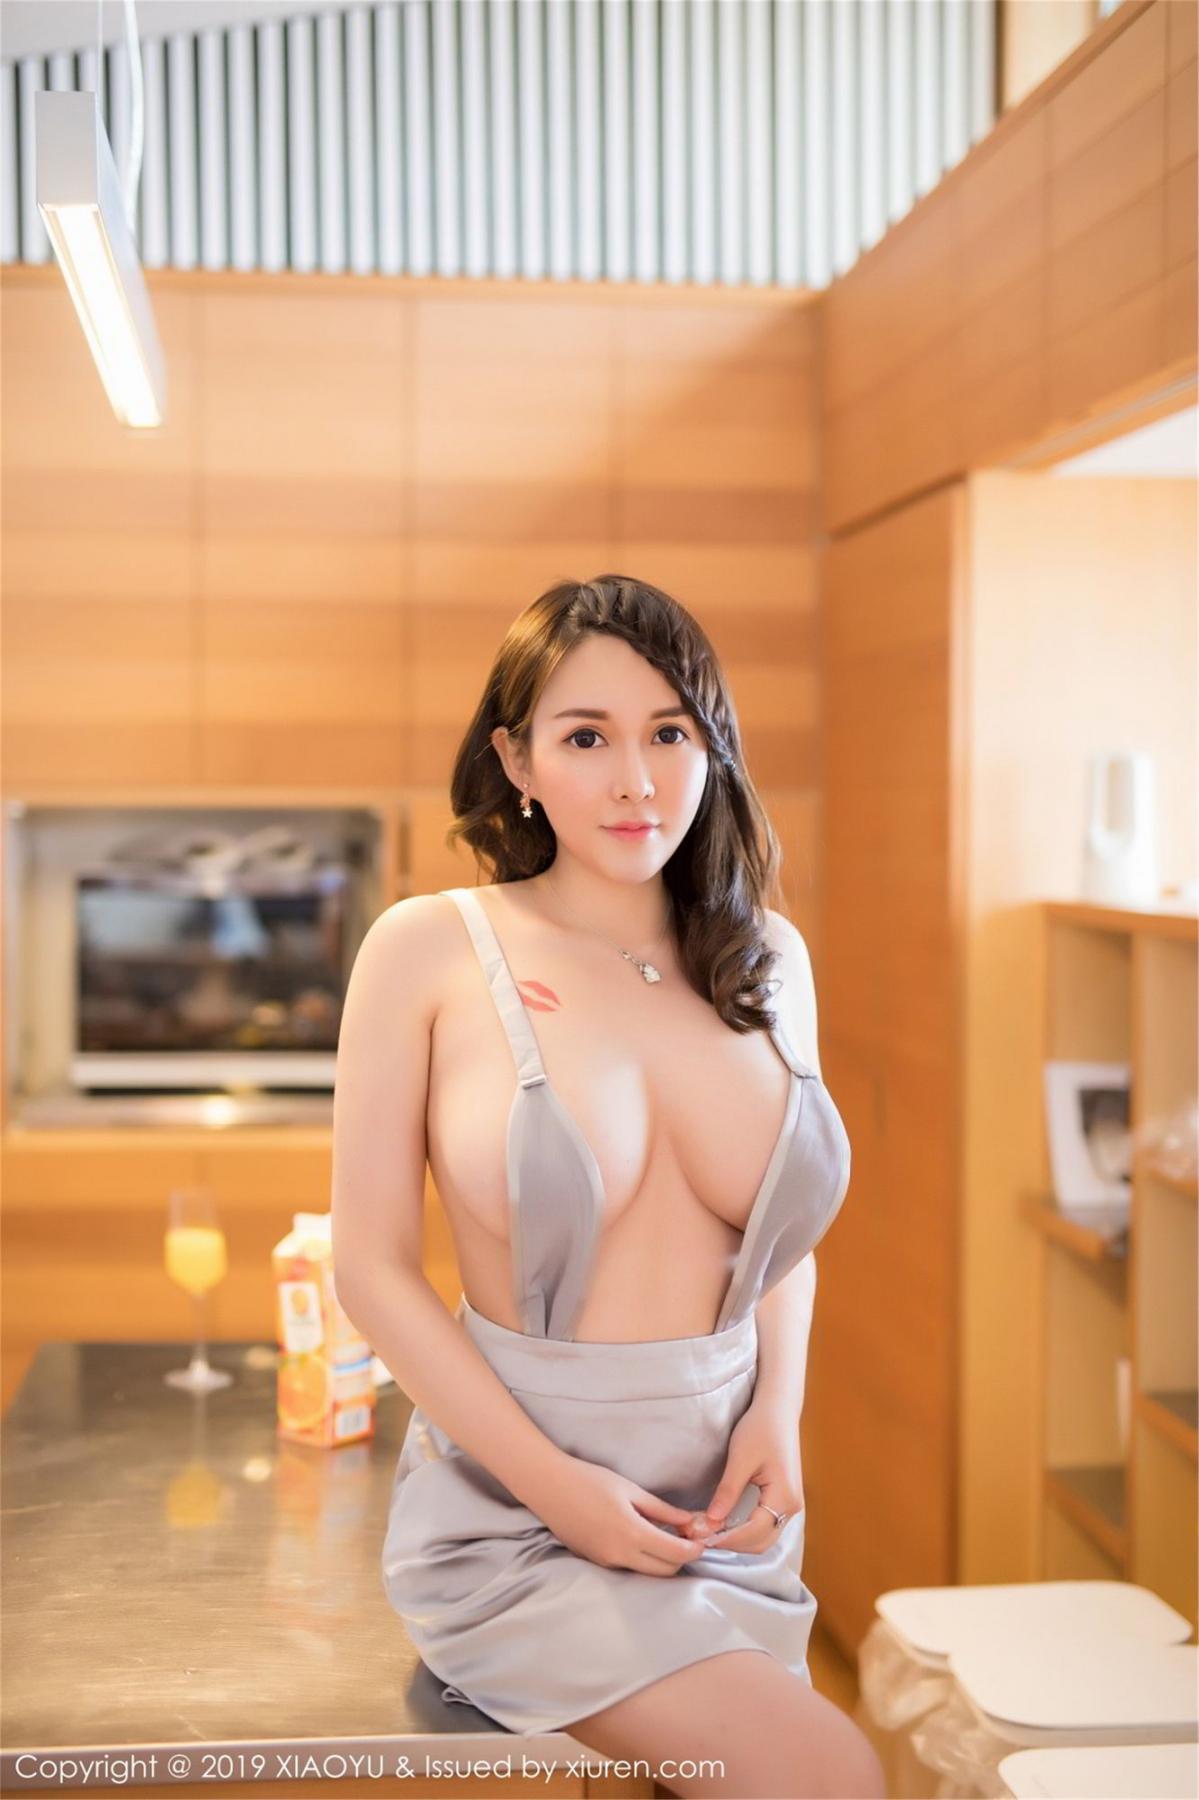 [XiaoYu] Vol.080 Shen Mi Tao 3P, Shen Mi Tao, XiaoYu